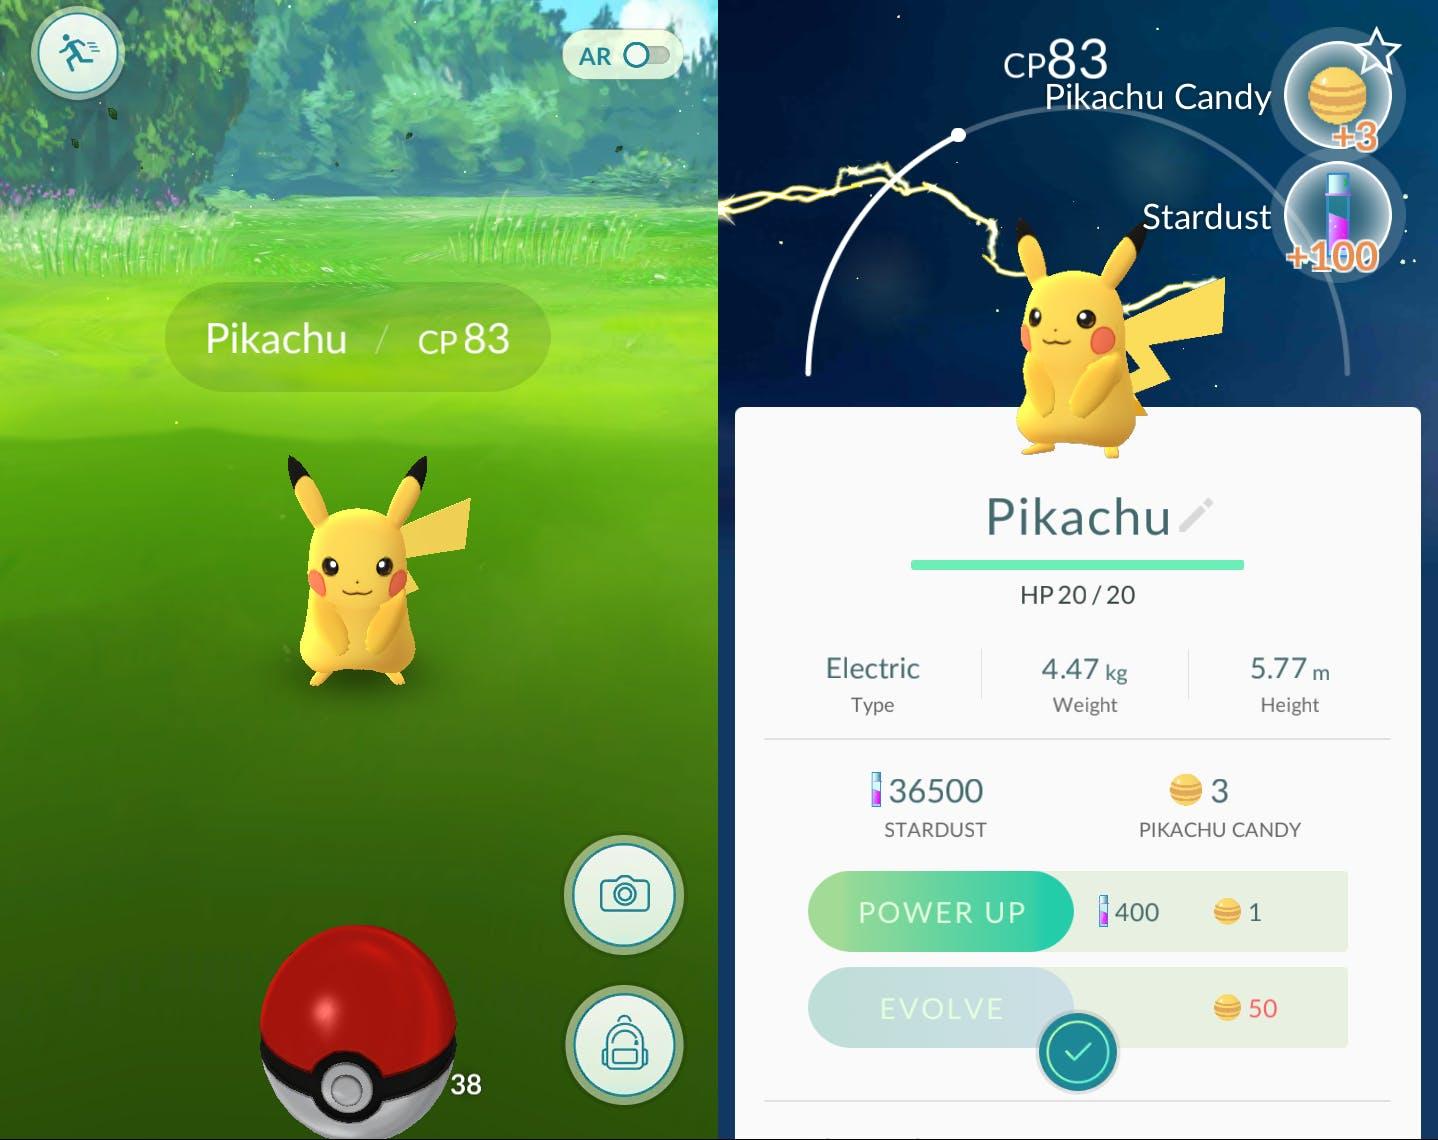 gps spoofing pokemon go